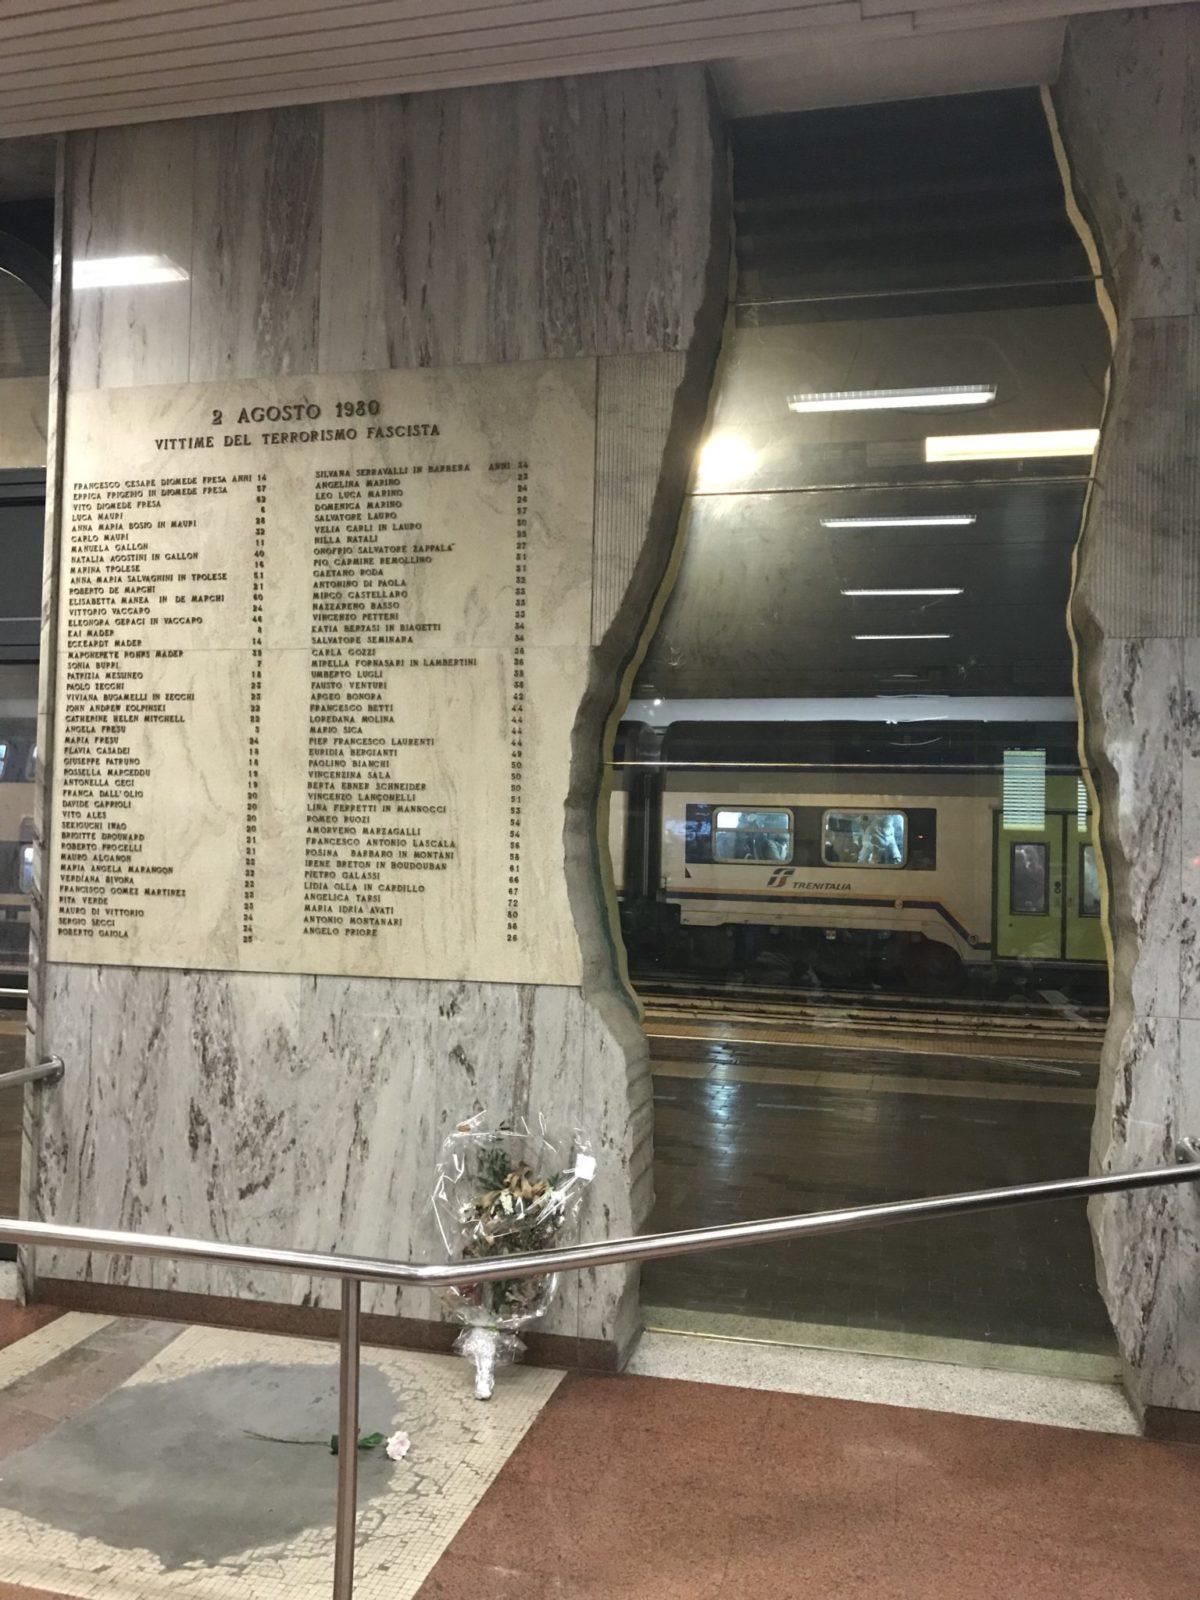 Lapide e squarcio nel muro ricordo bomba stazione di Bologna